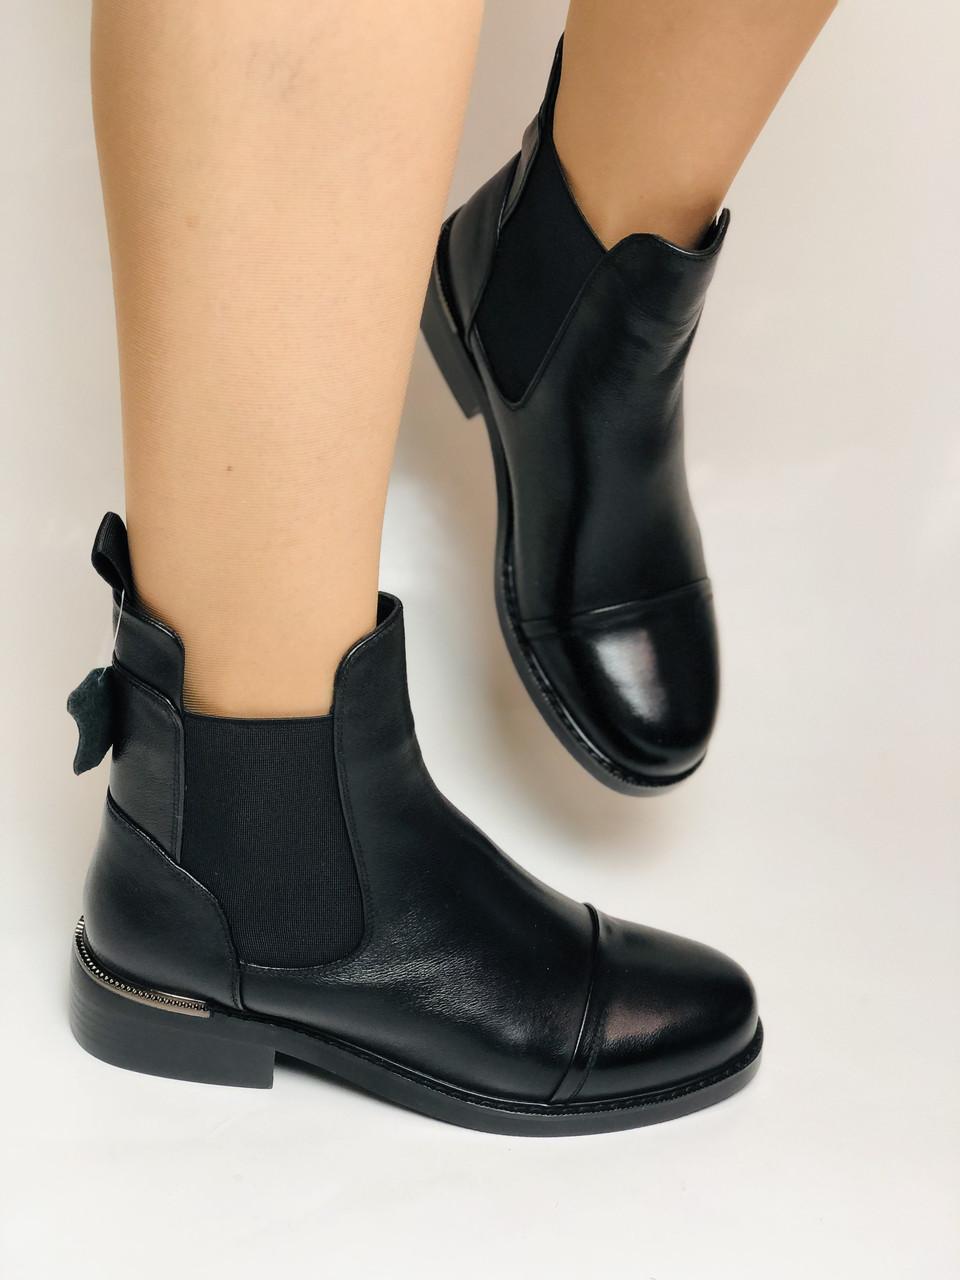 Женские осенние ботинки Челси из натуральной кожи на низкой подошве. Размер 36.37.38.39 40